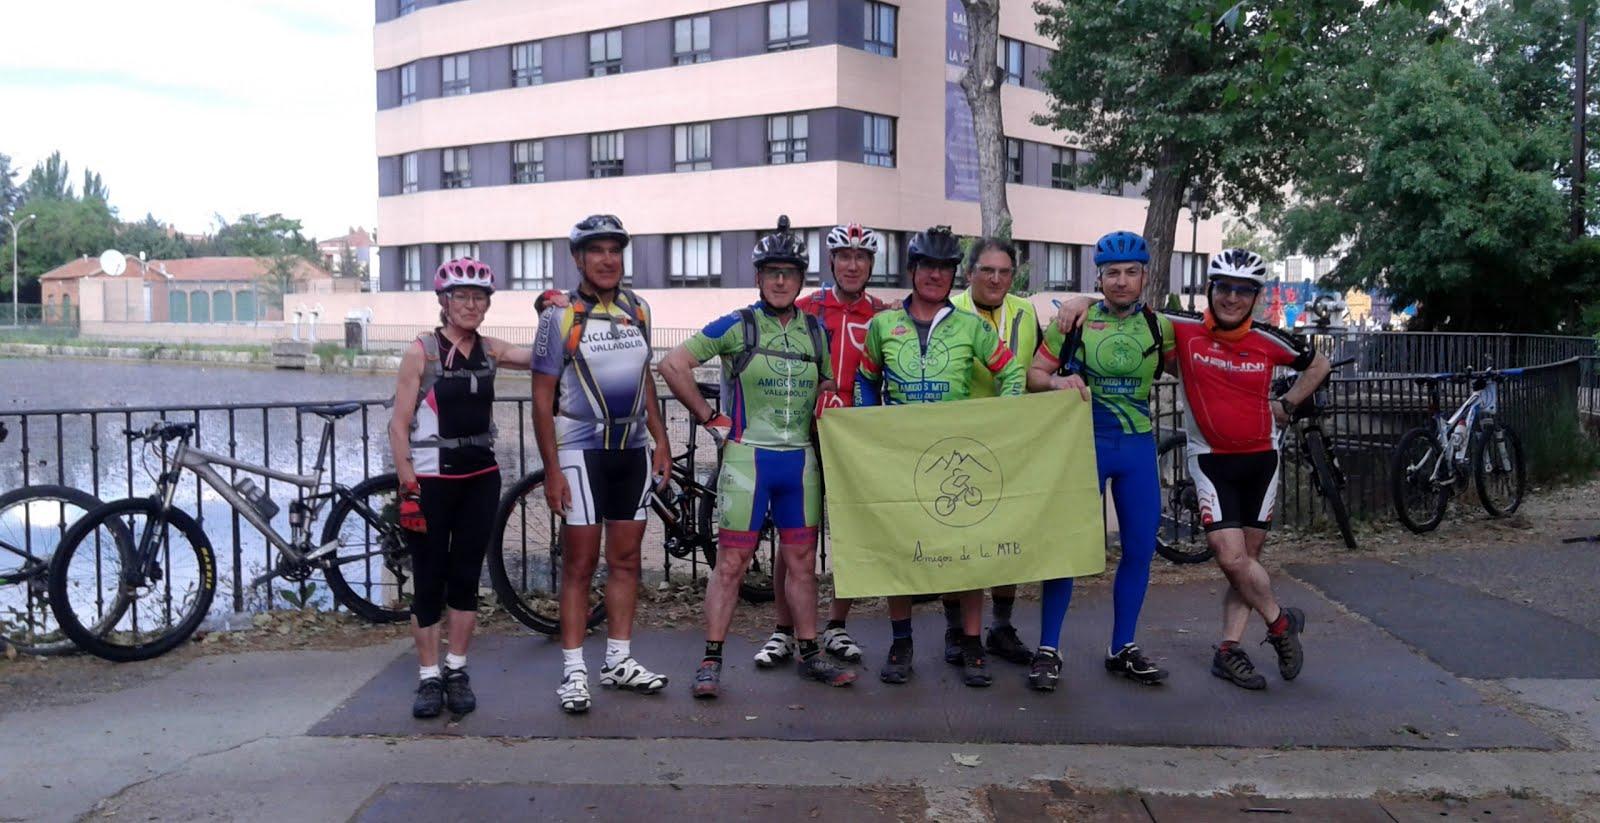 Los 300 Km del Canal de Castilla.Valladolid - Alar del Rey. Primera parte